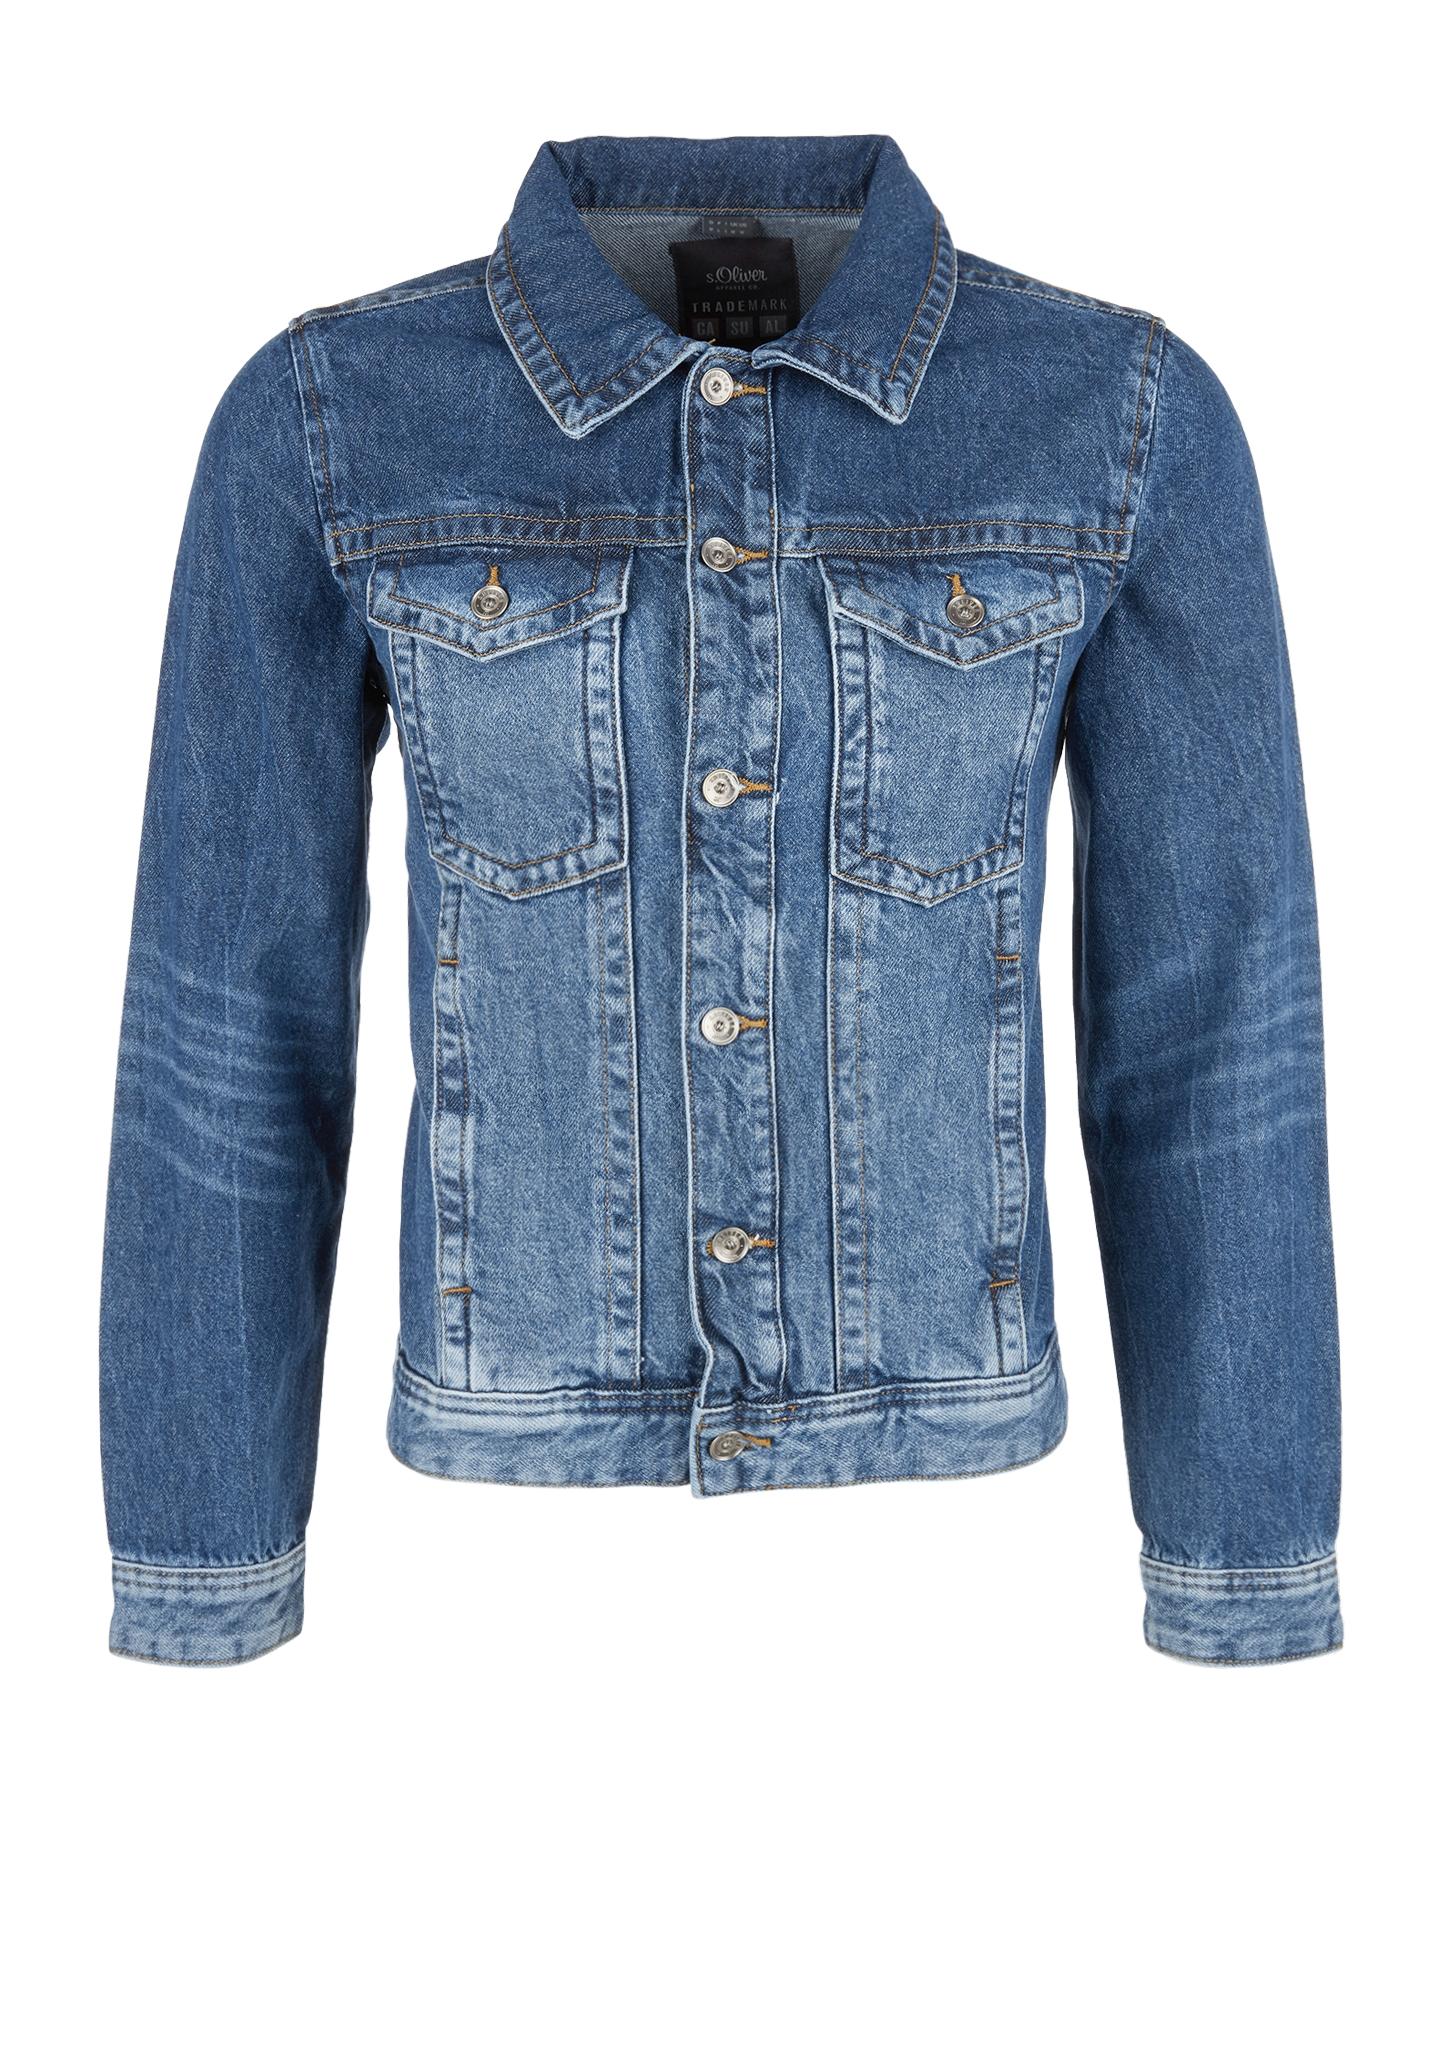 Jeansjacke   Bekleidung > Jacken > Jeansjacken   Blau   100% baumwolle   s.Oliver